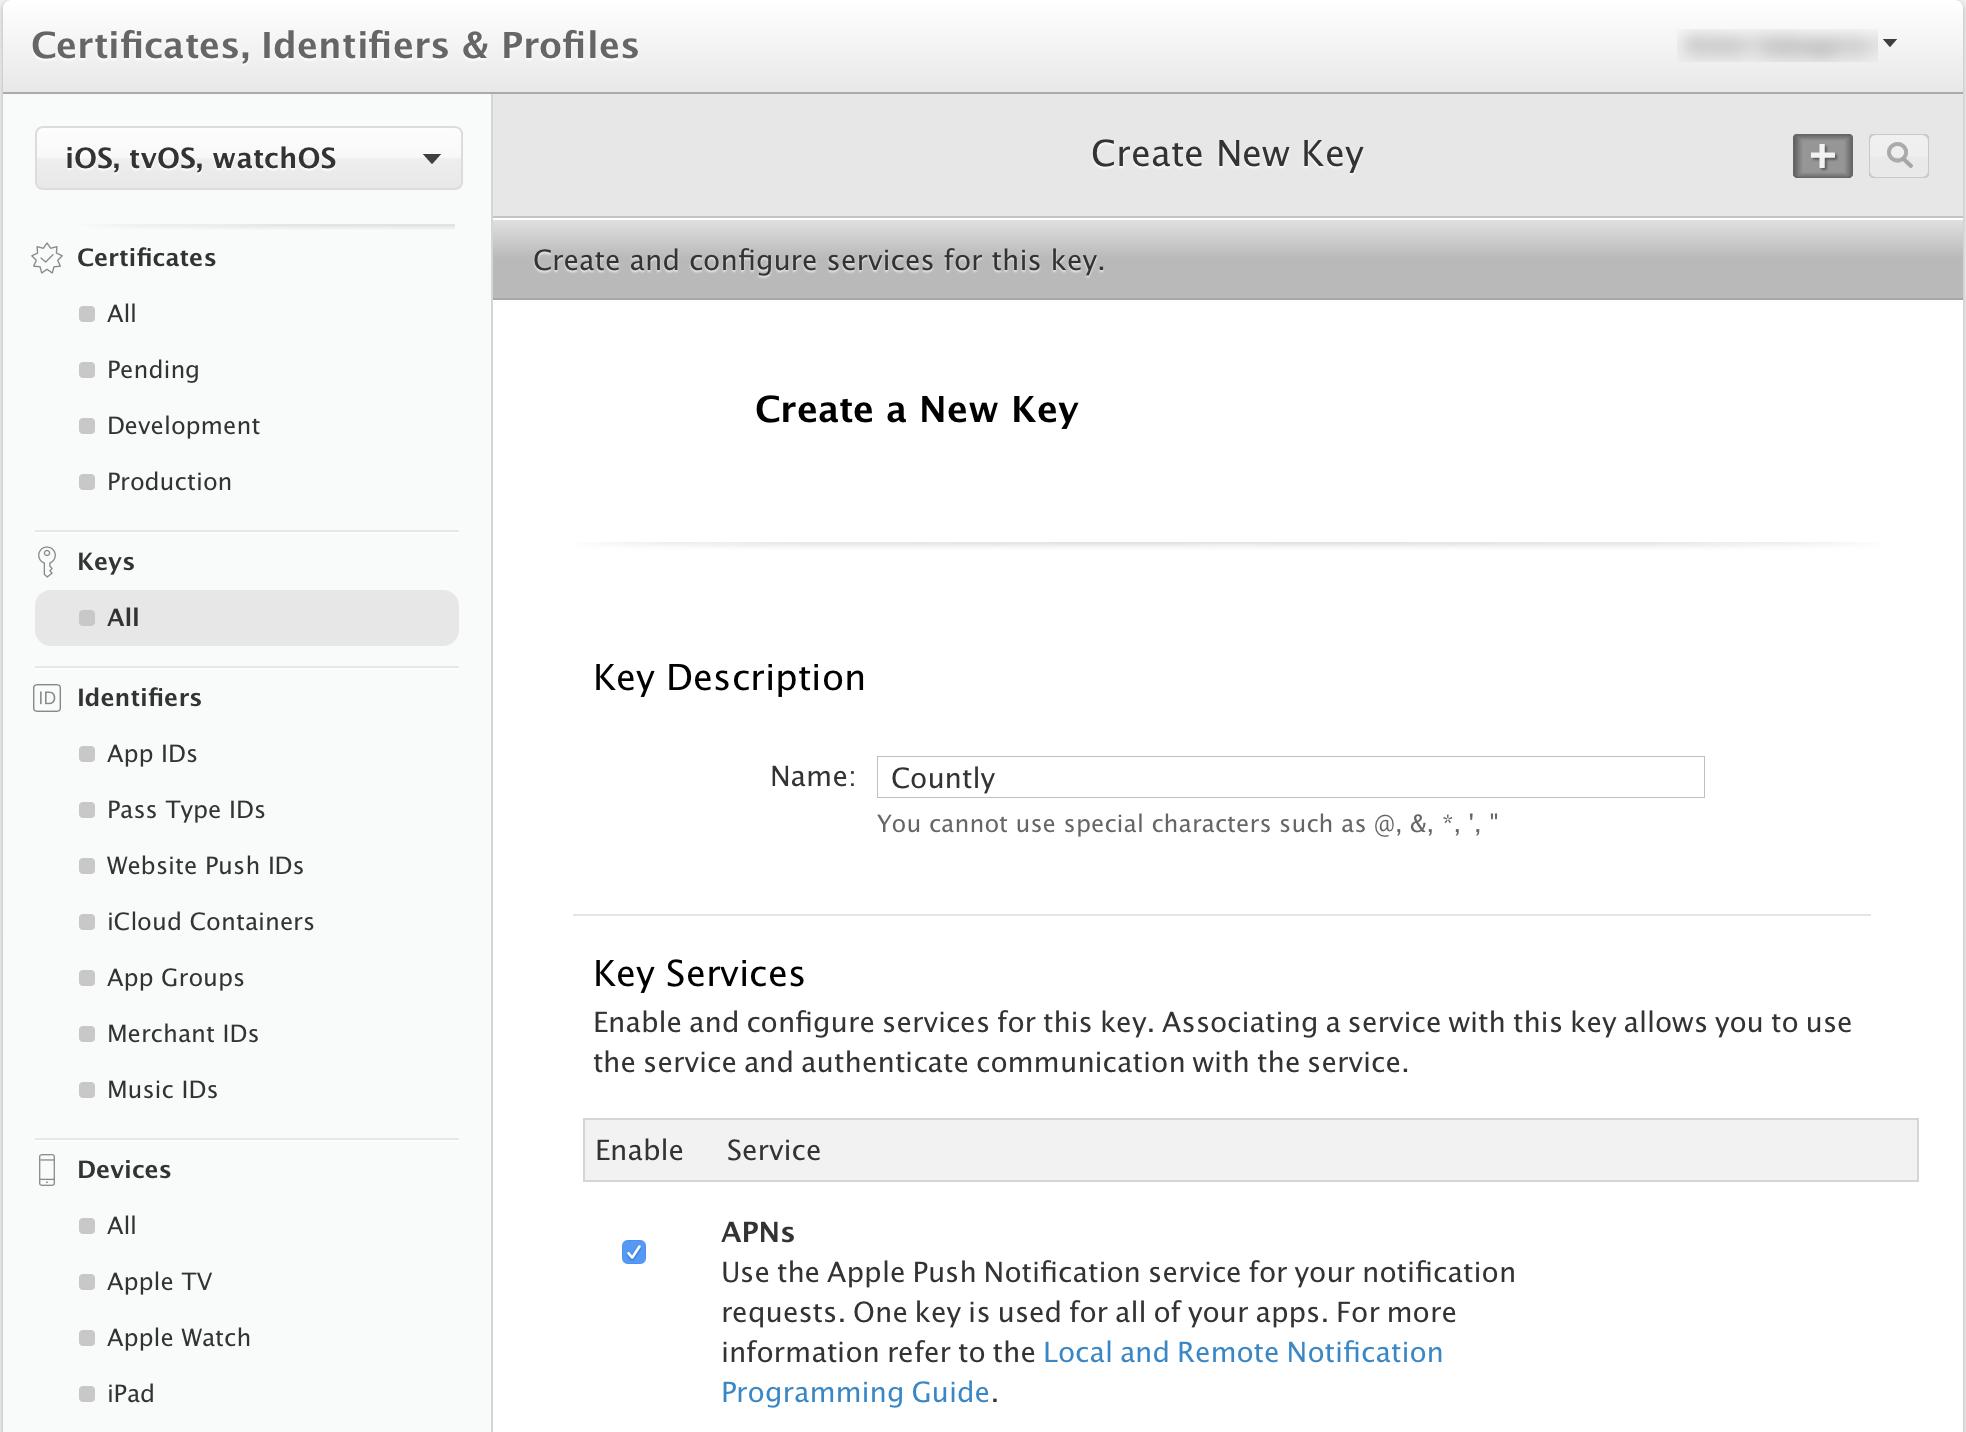 iOS, watchOS, tvOS & macOS